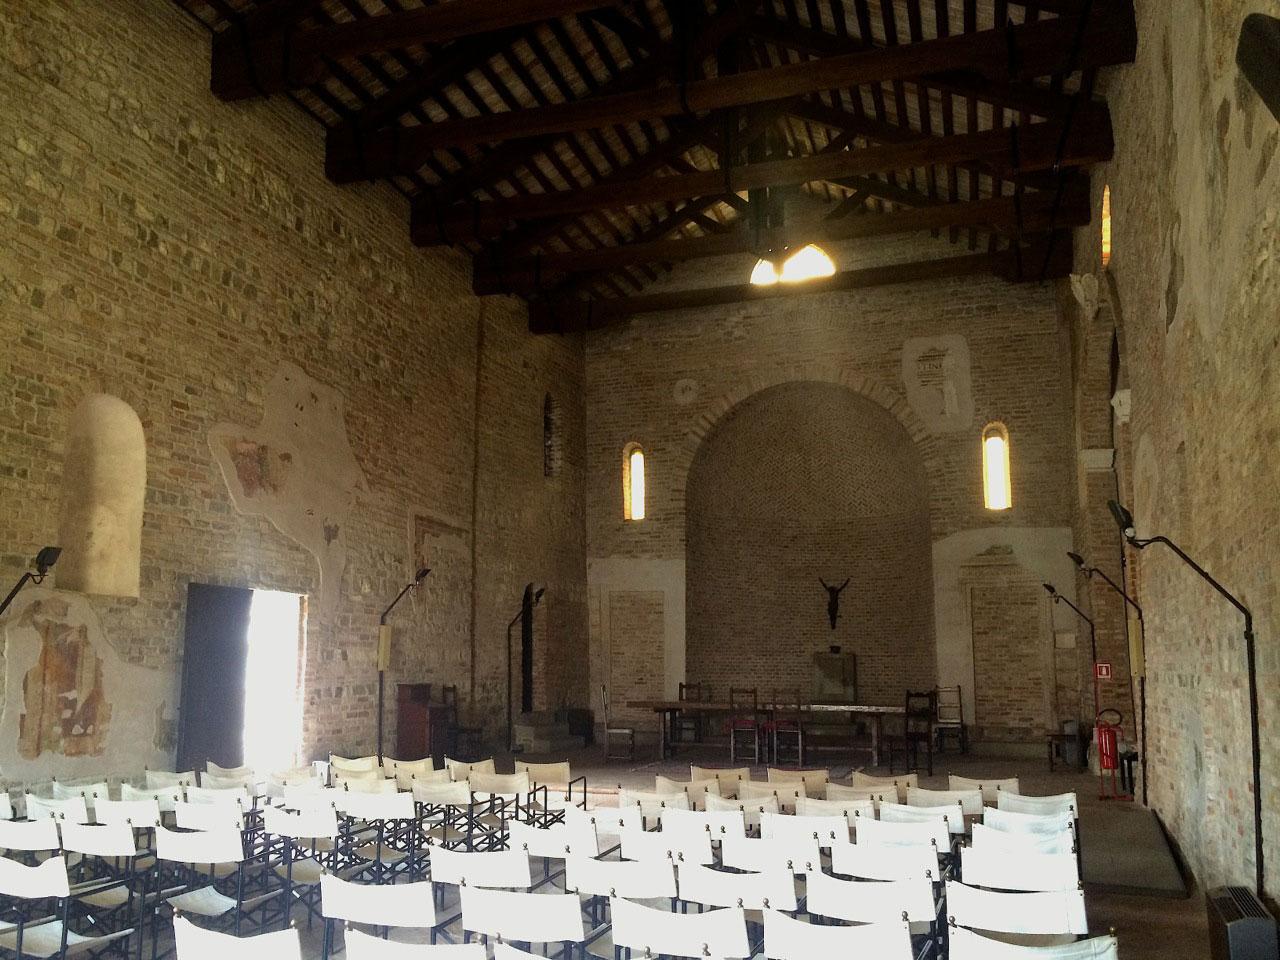 Chiese Romantiche Padova Oratorio Santa Croce Interni